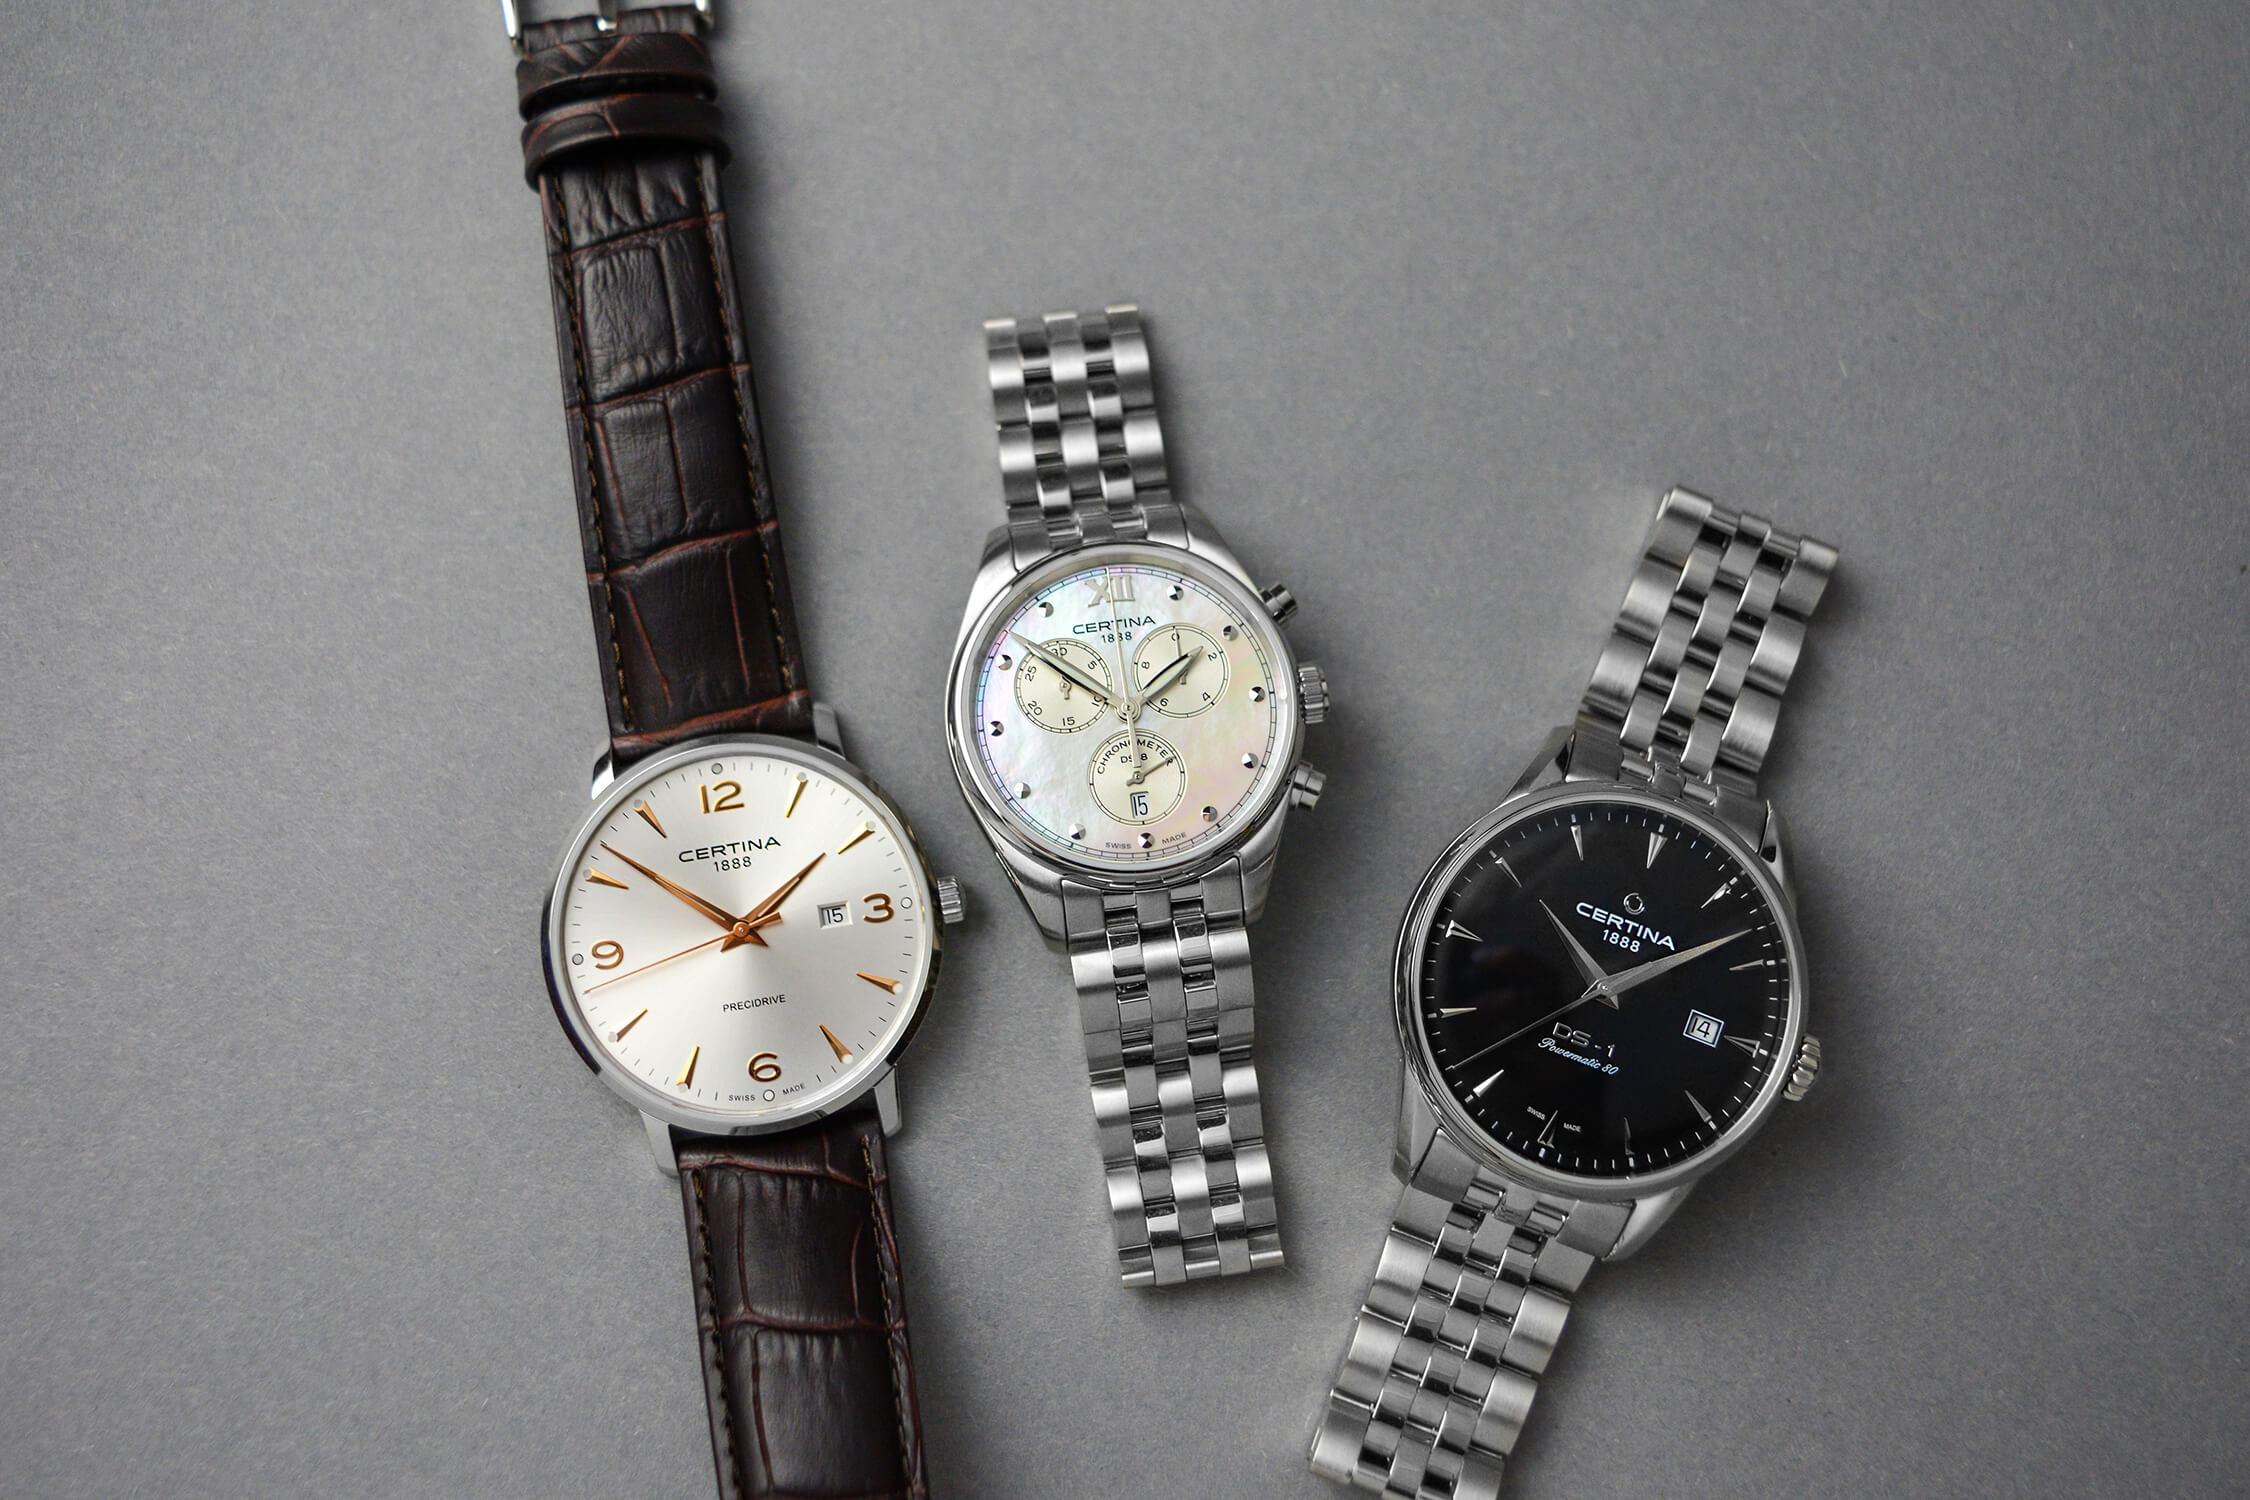 часы сертина из коллекции aqua